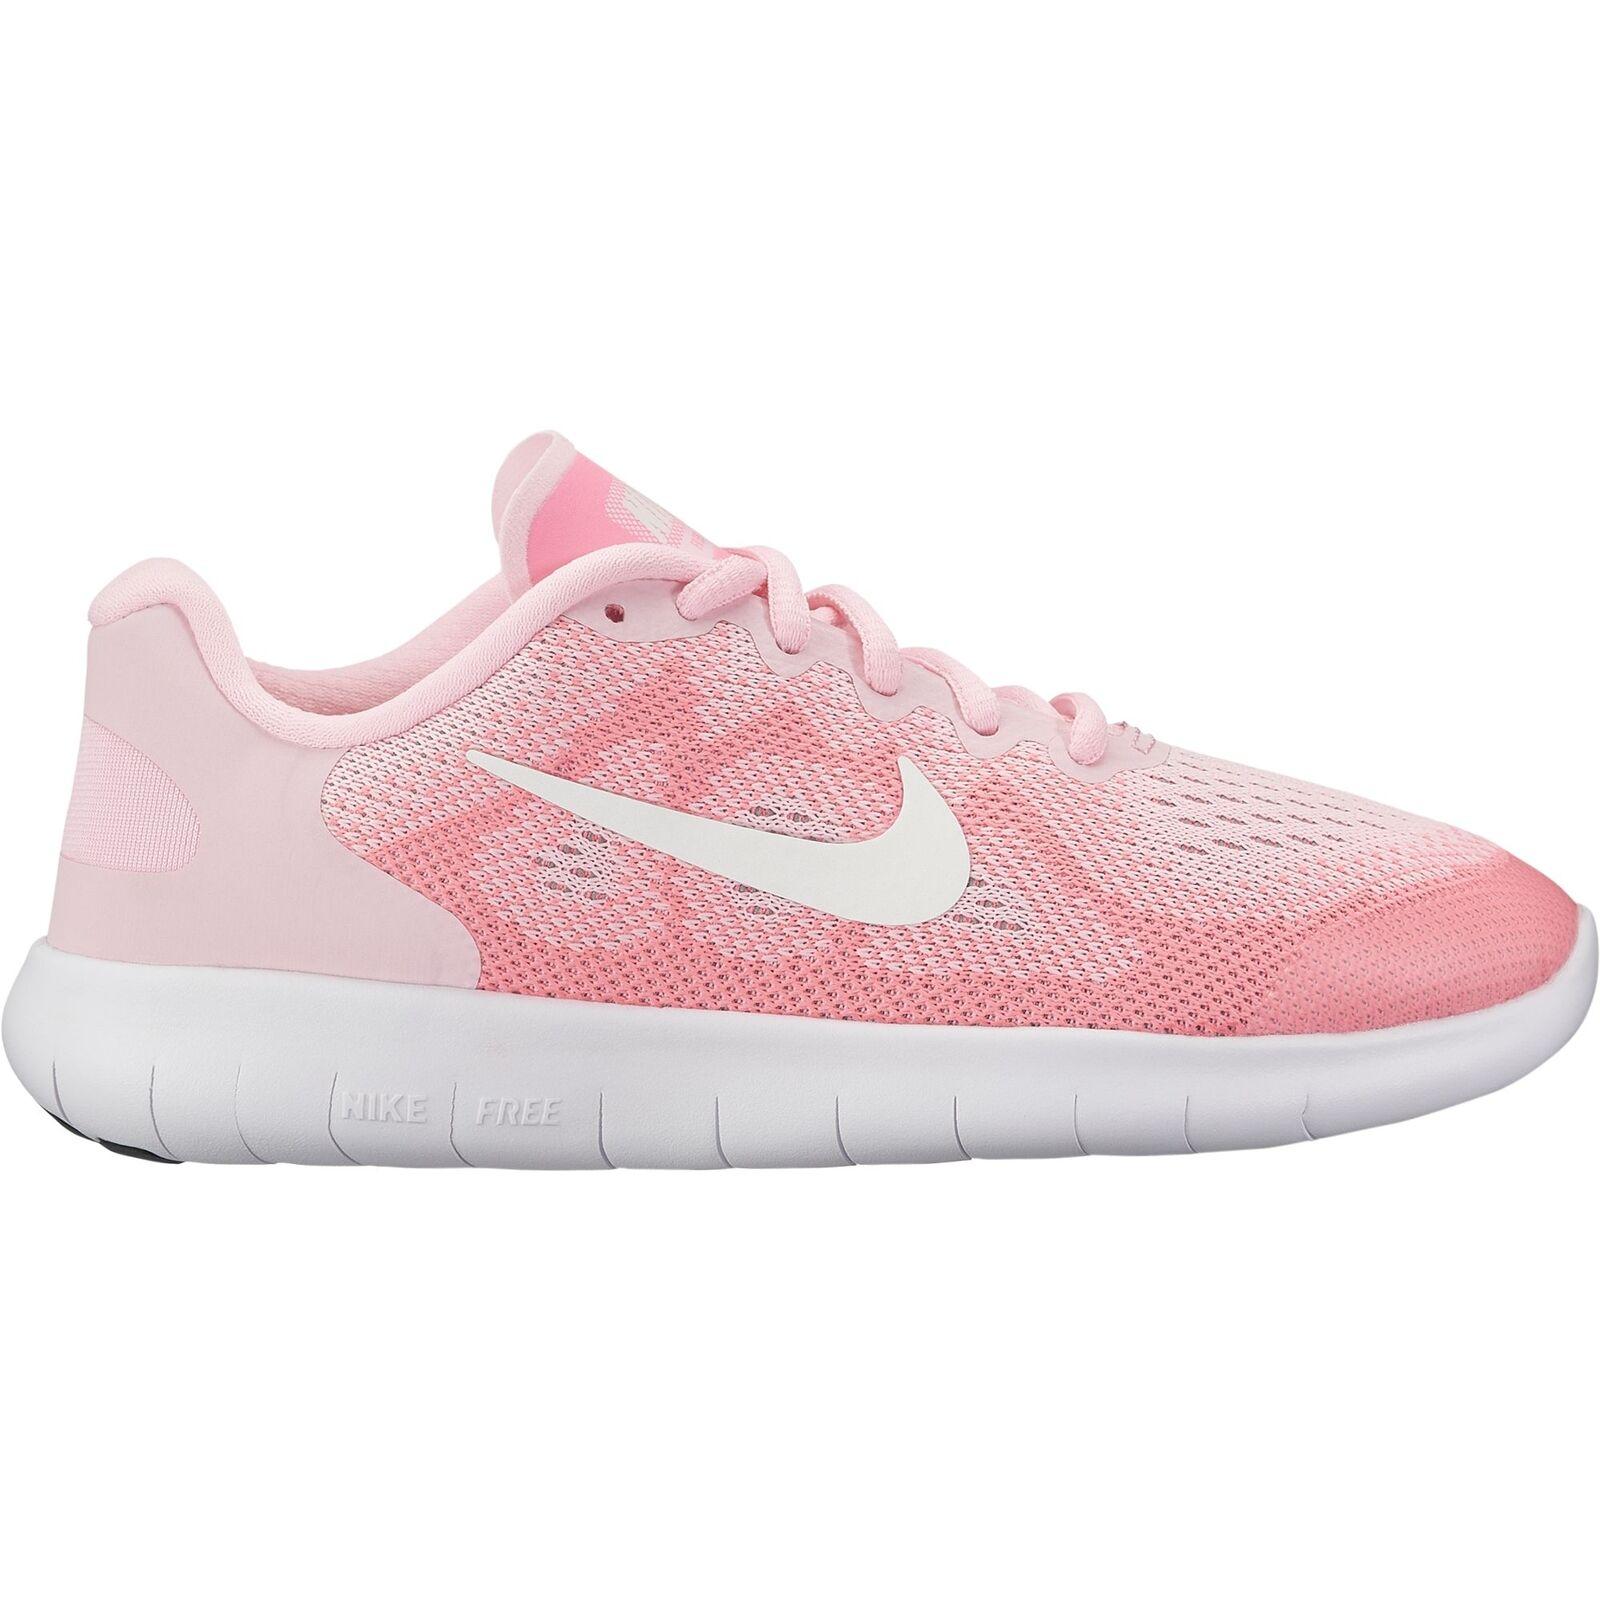 Nike Nike Nike Free RN 2017 (GS) - Kinder Freizeitschuhe Turnschuhe - 904258-602 Rosa weiß afd179